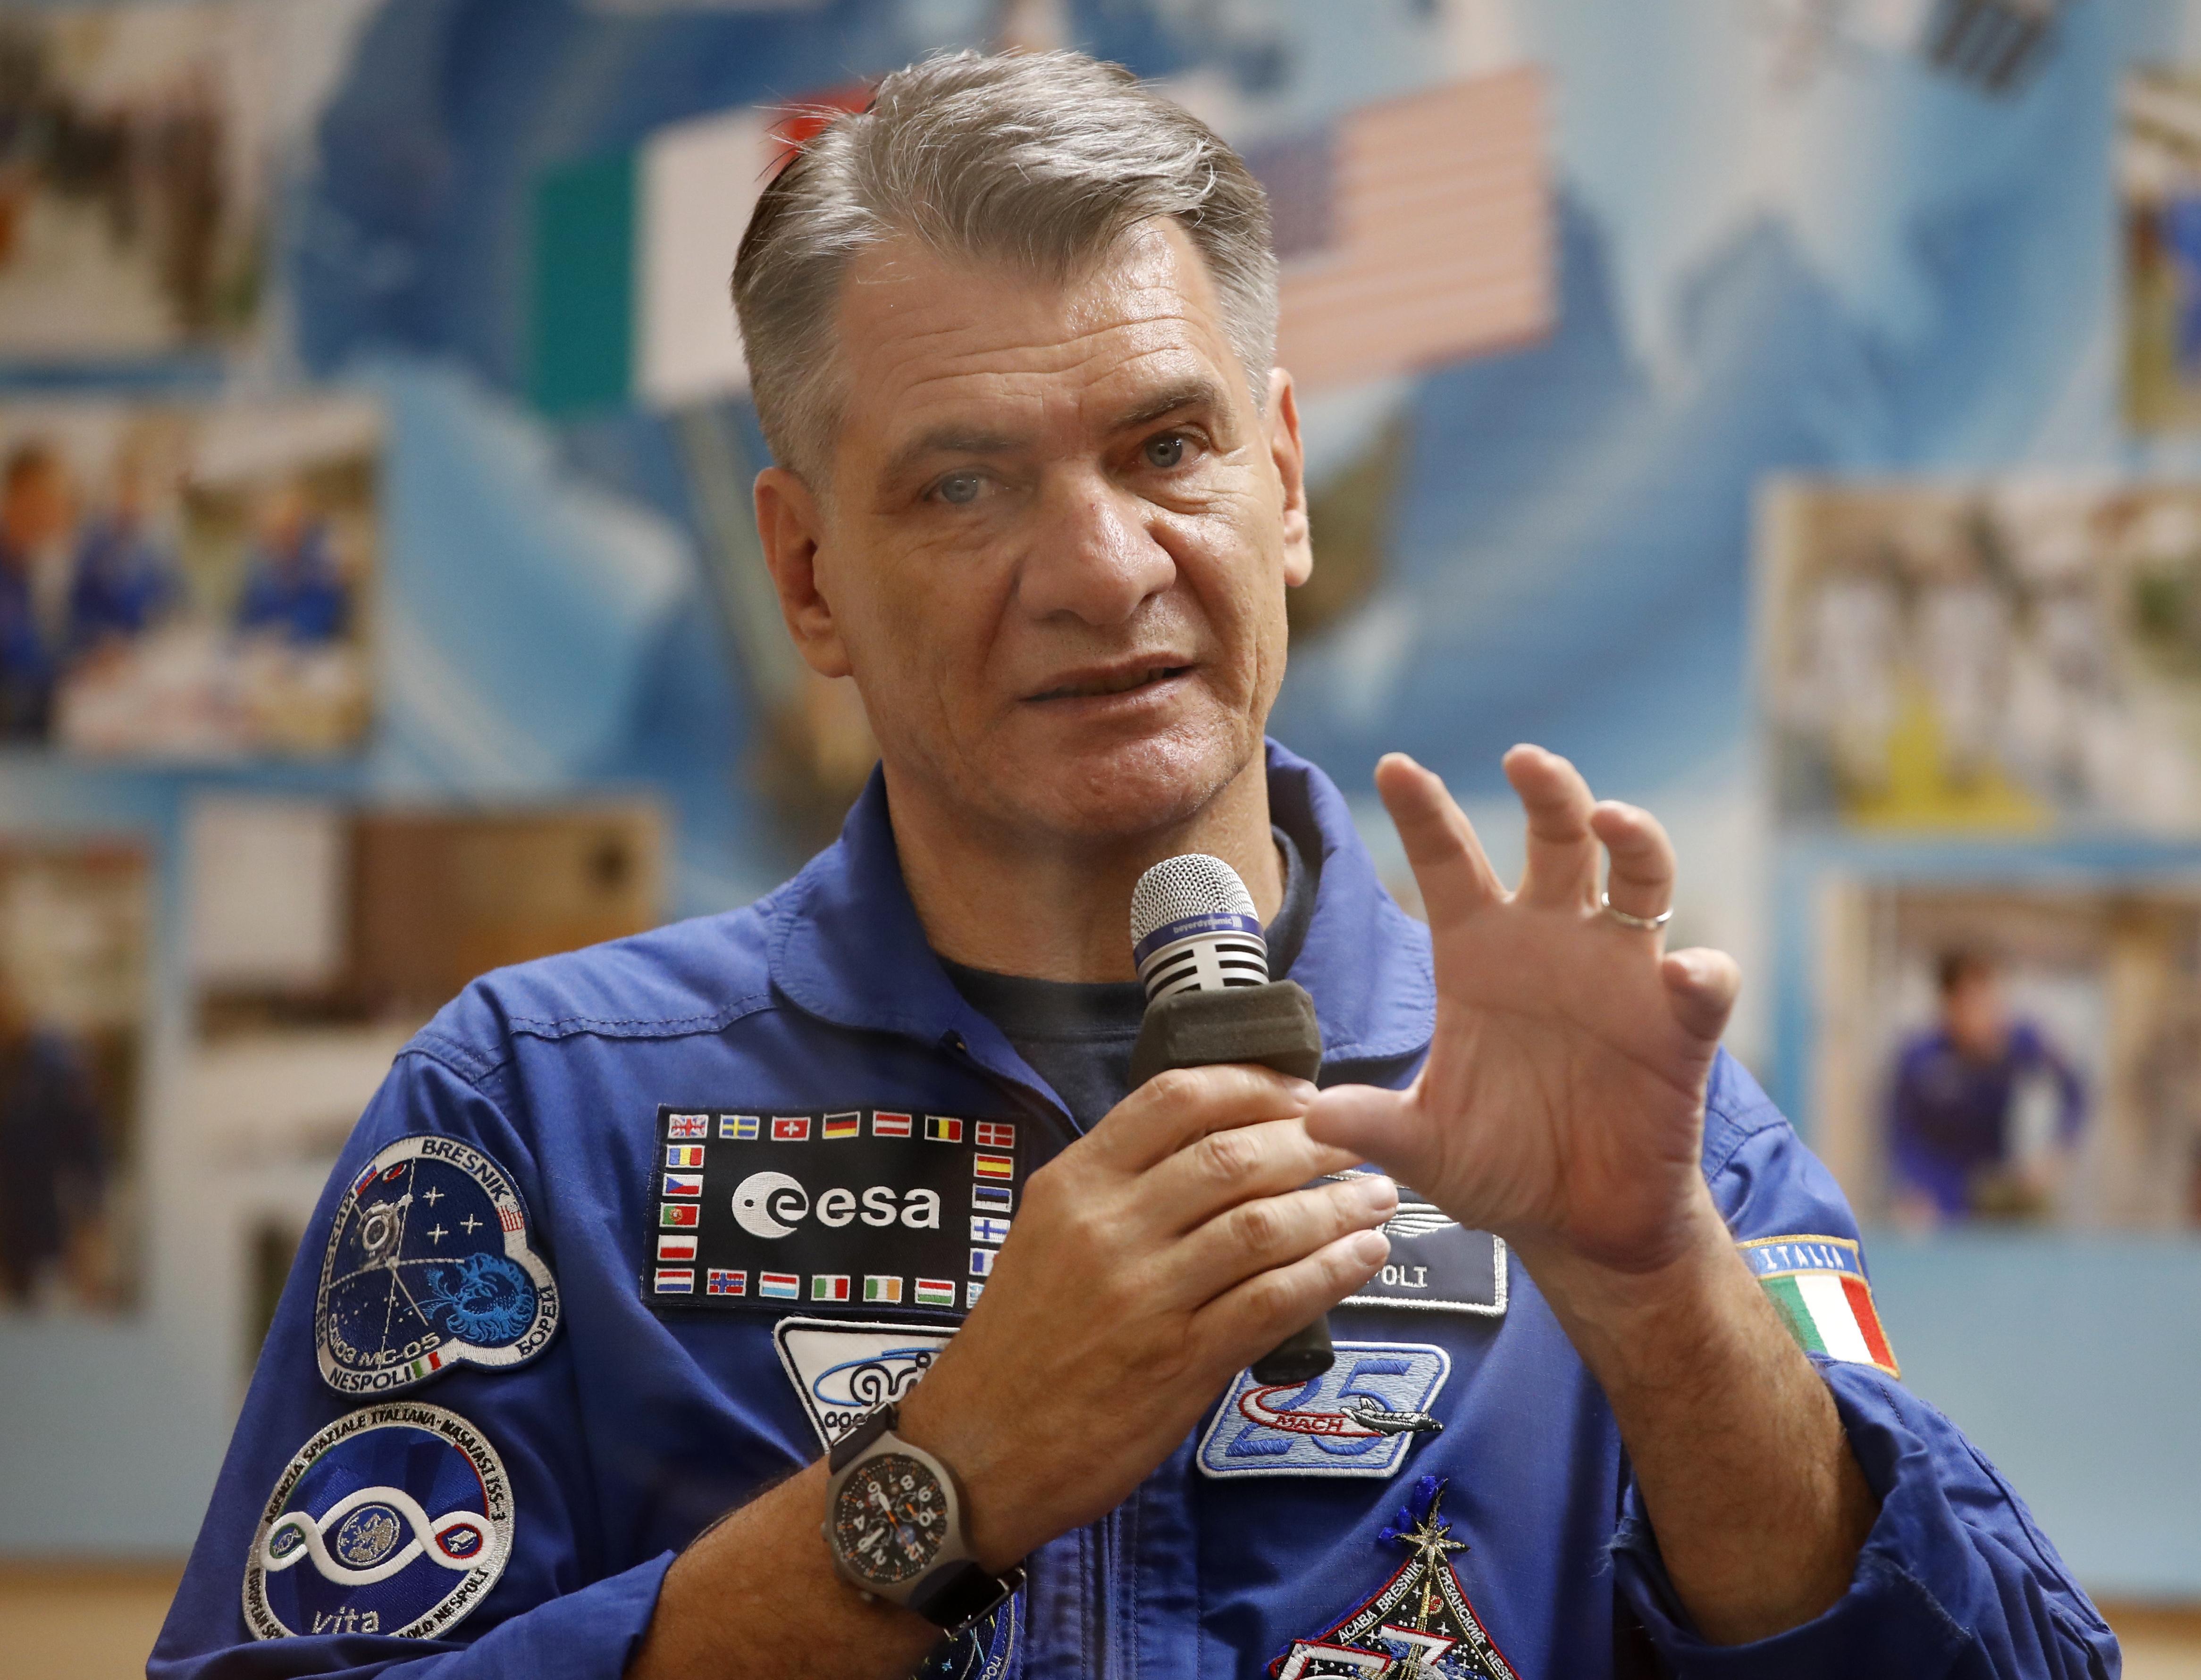 Contributo dallo spazio su Wikipedia